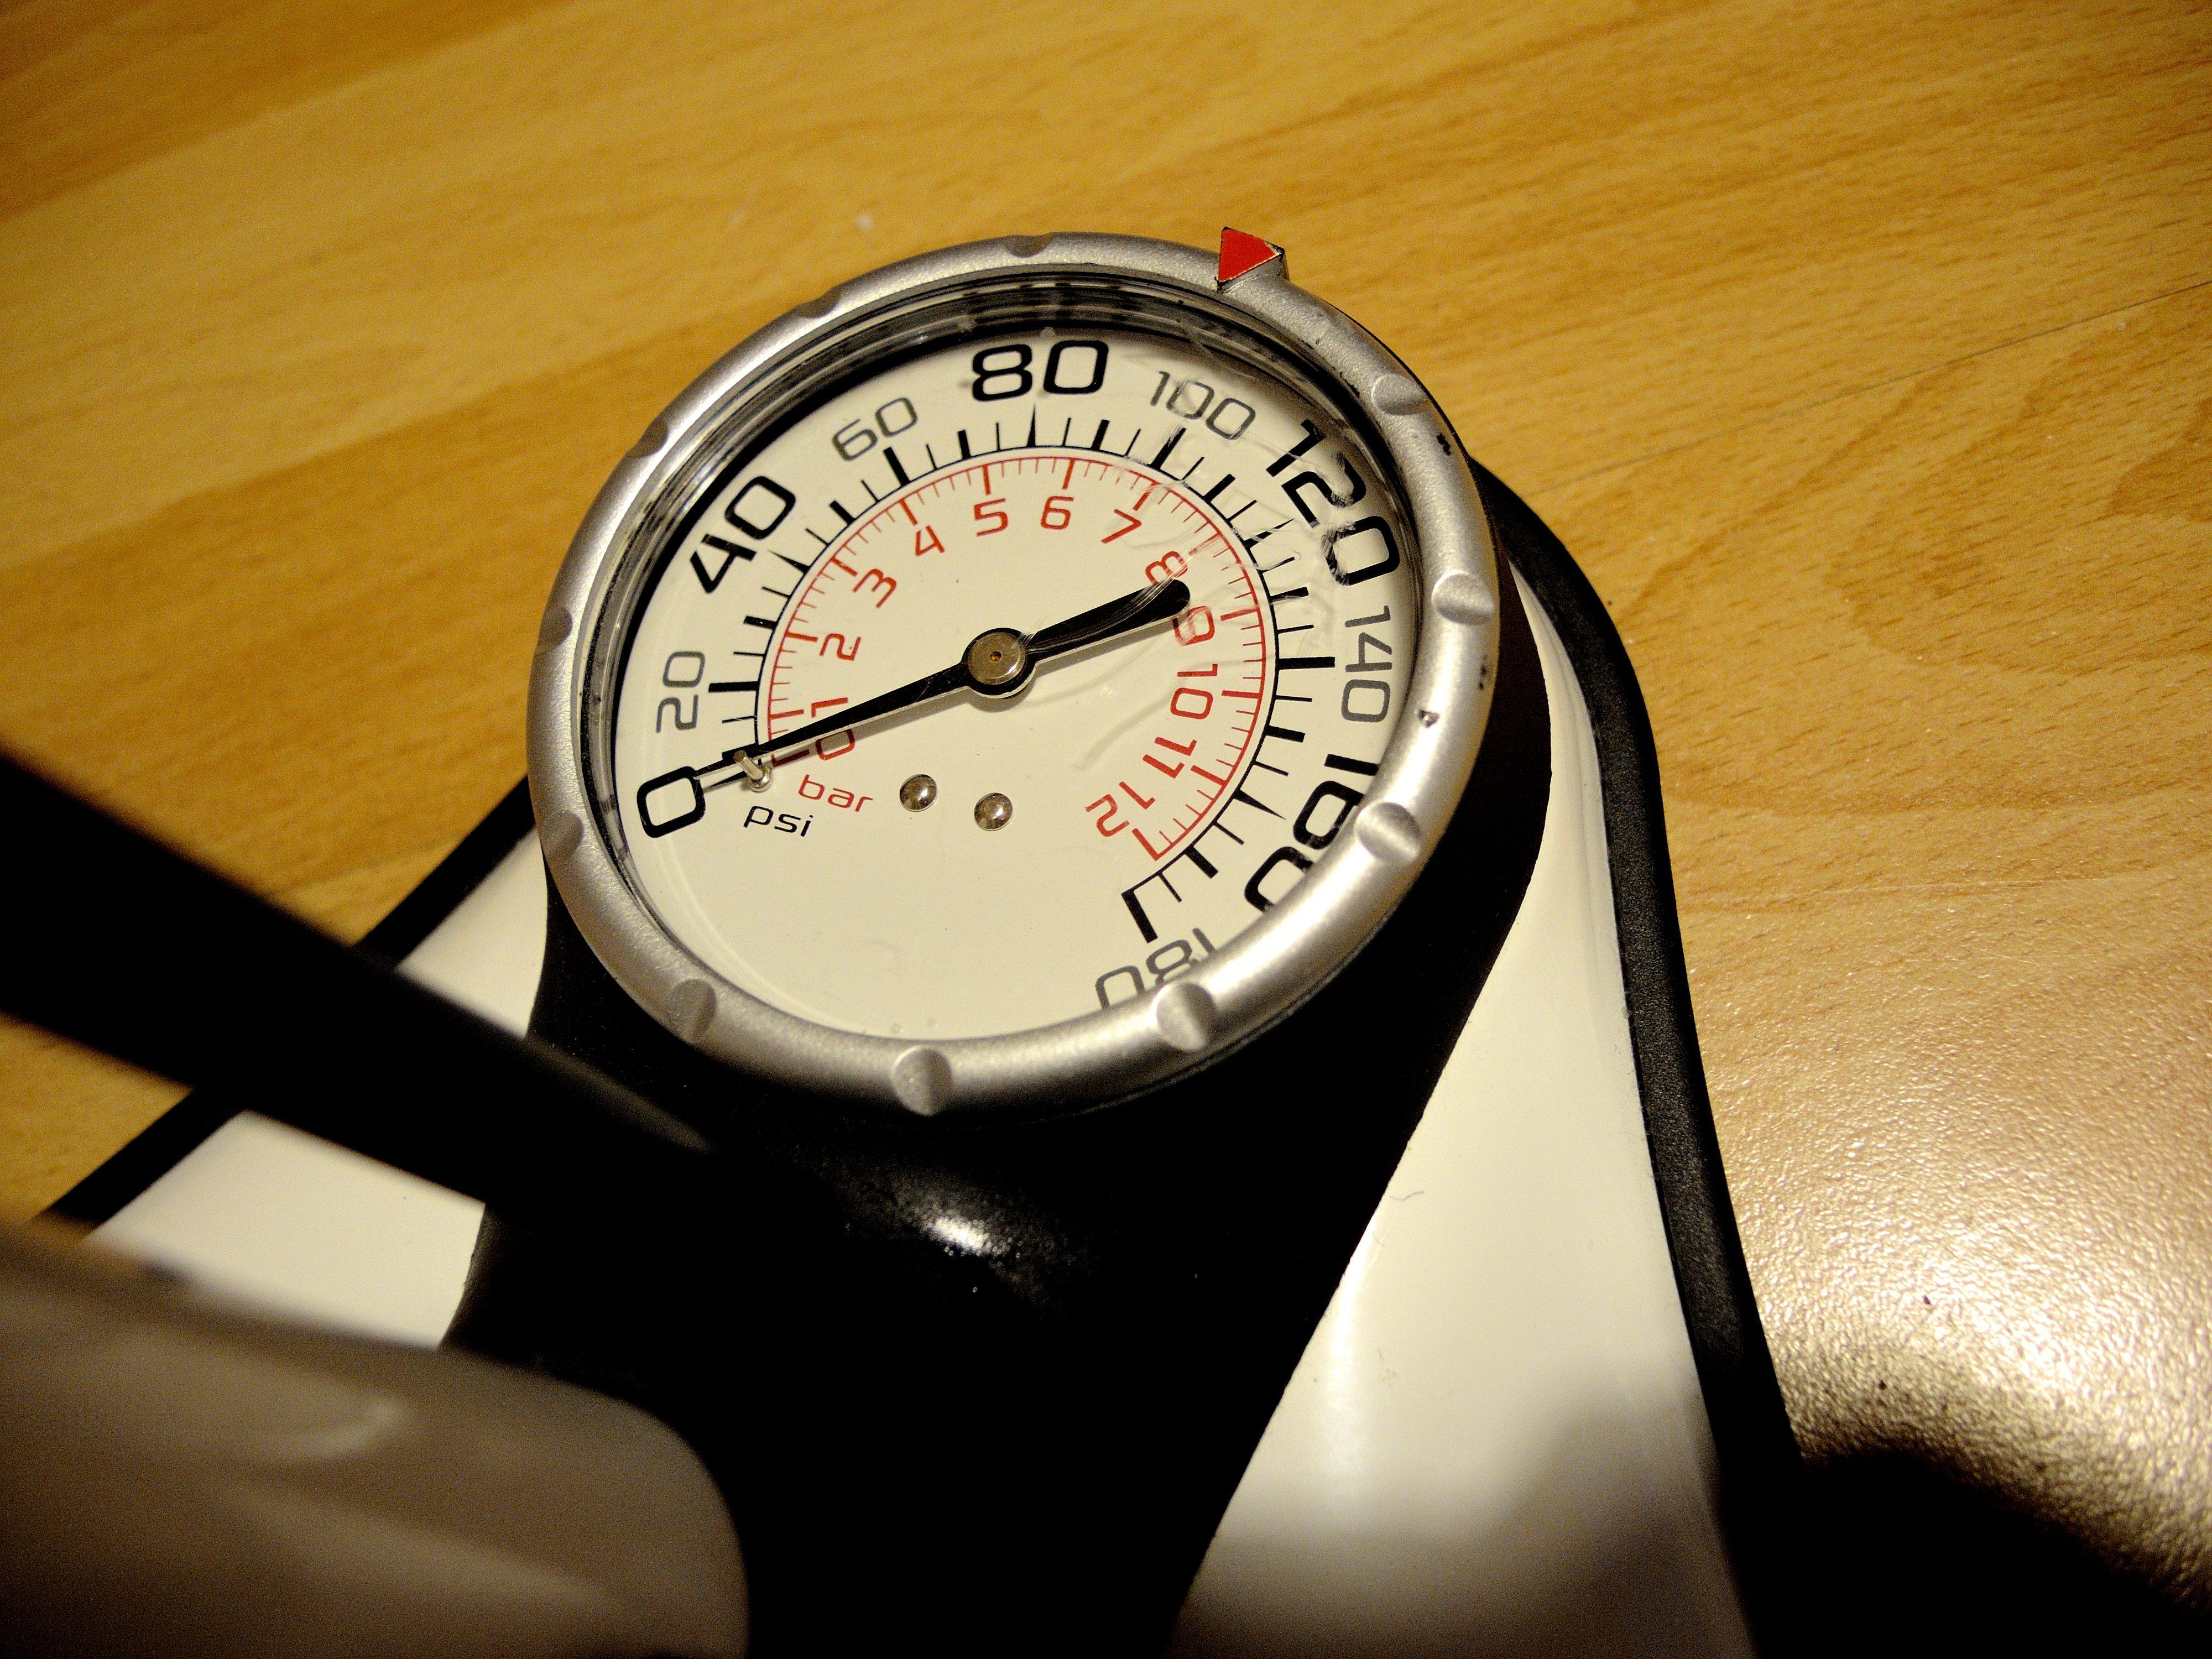 Das Manometer braucht klar sichtbare Zeiger und am besten auch einen einstellbaren Ring - so lässt sich der richtige Druck am besten finden.